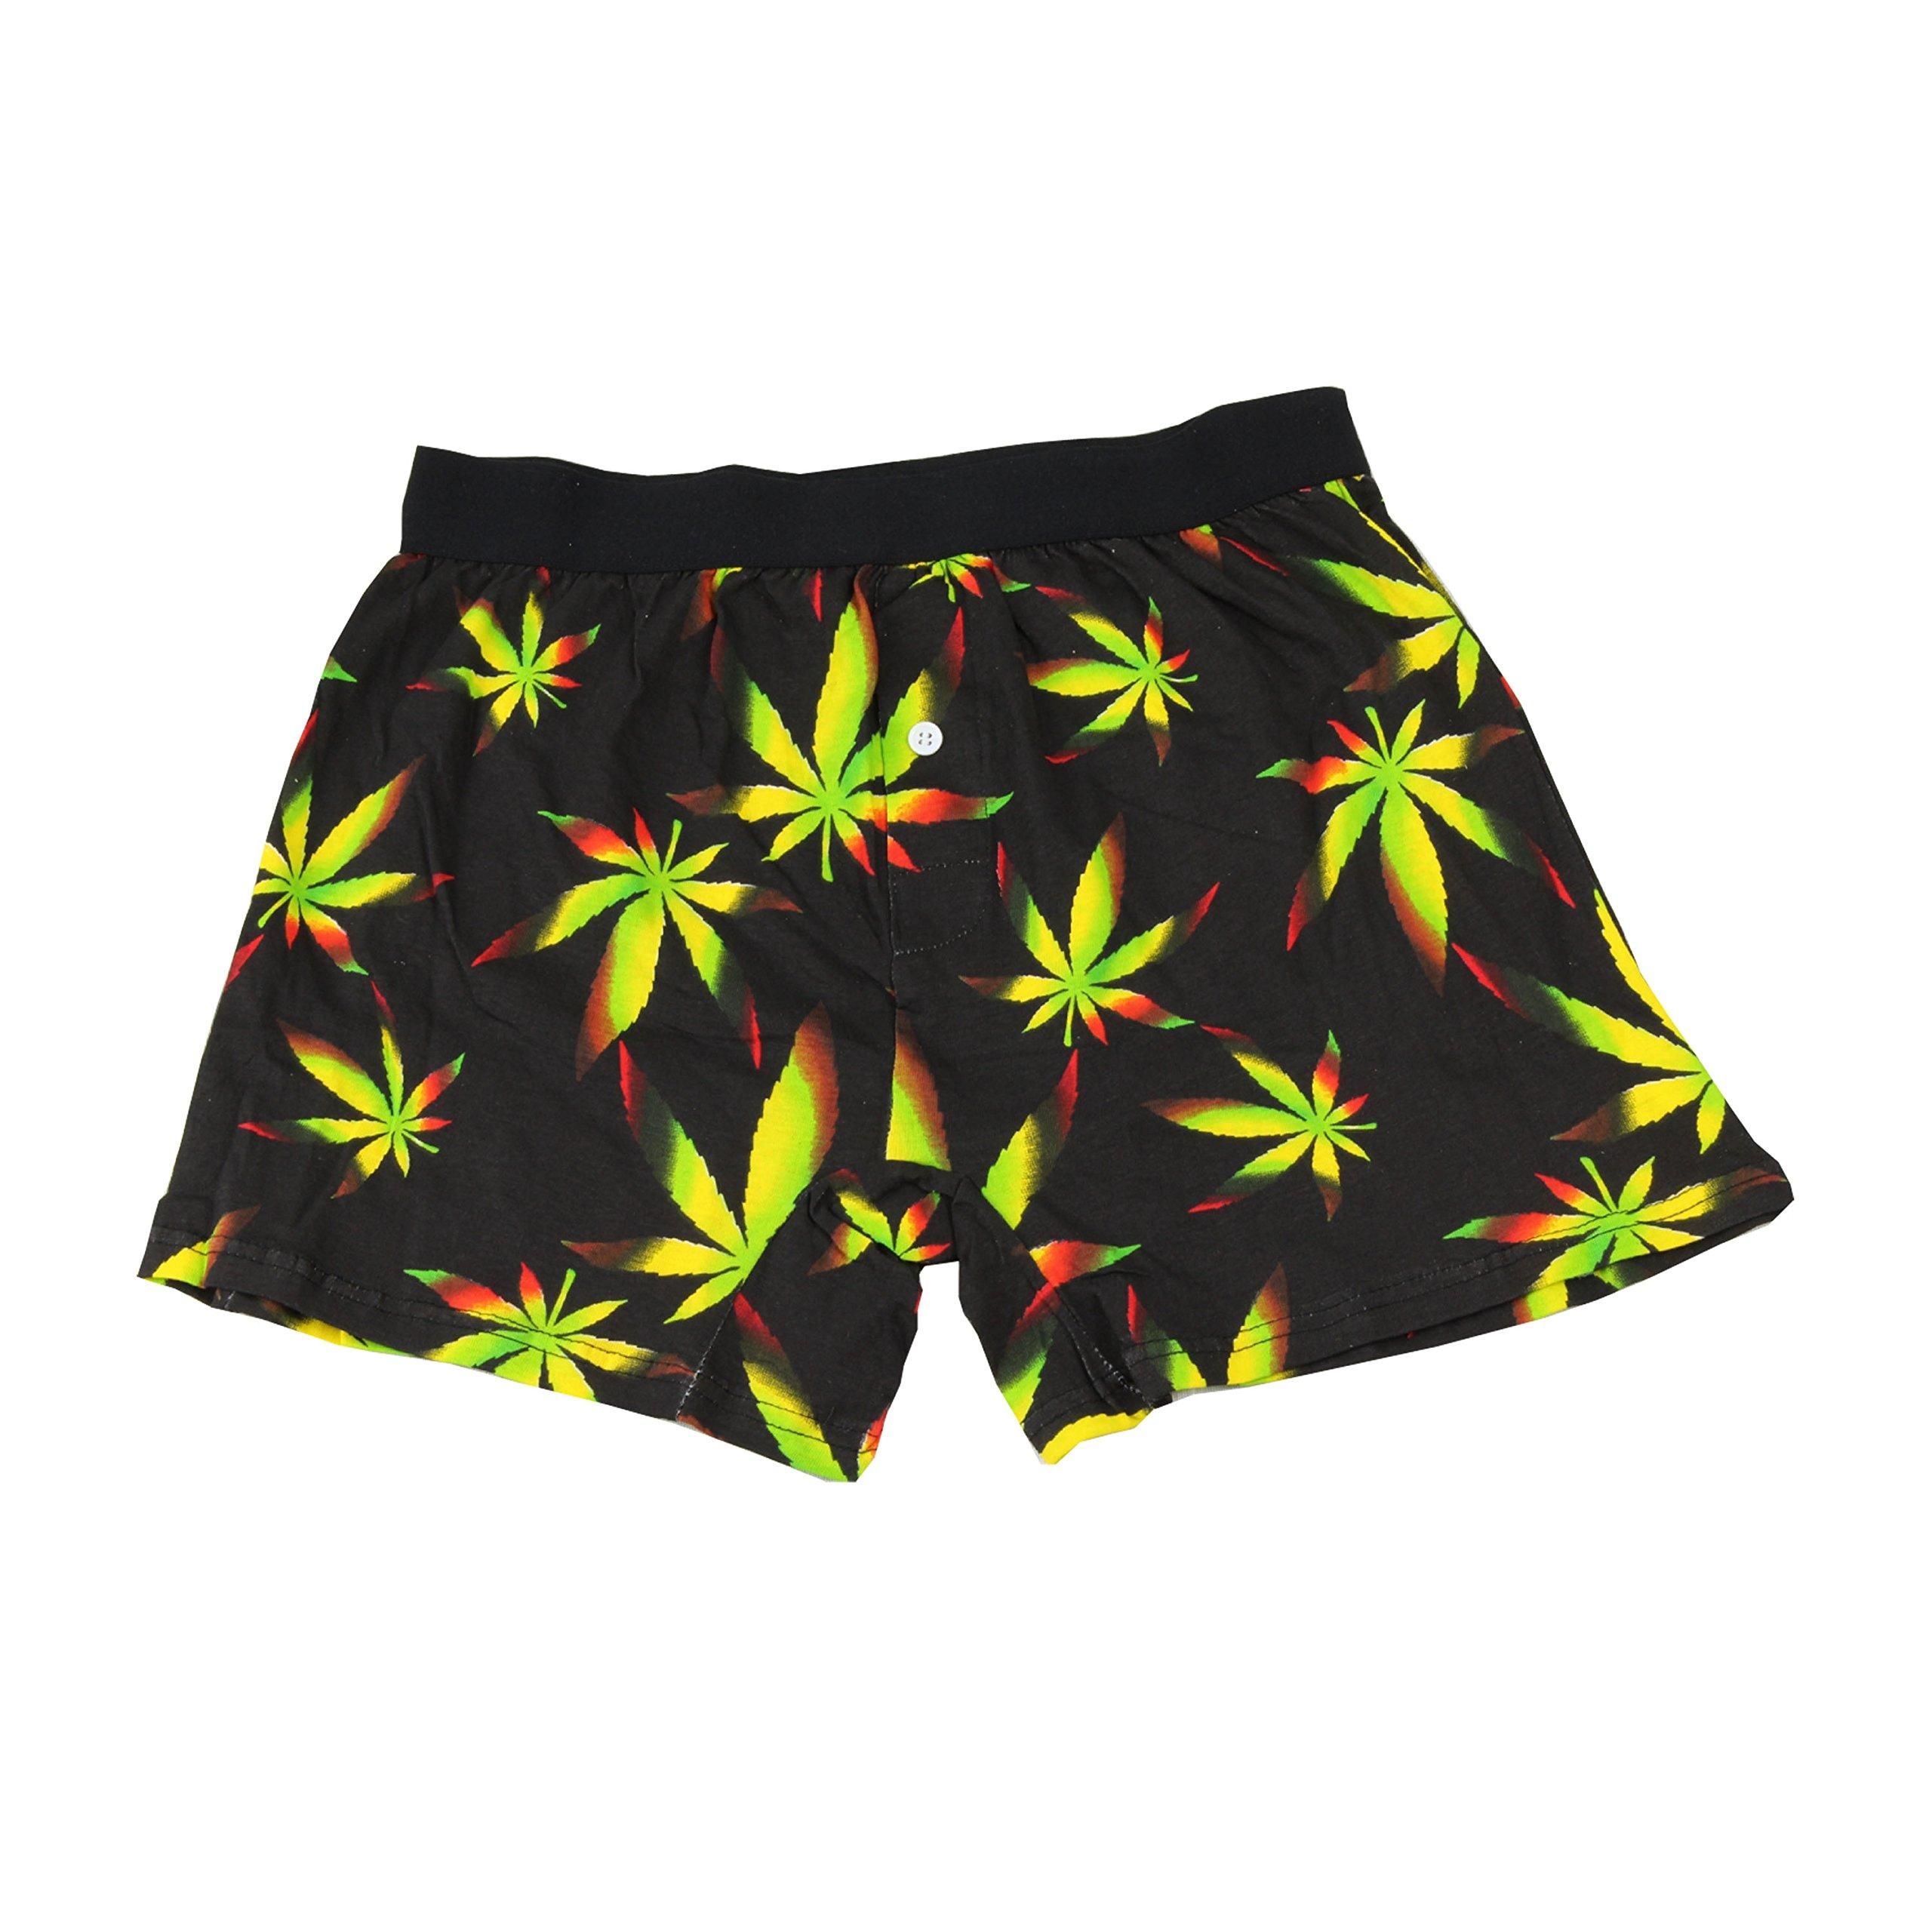 Mens Marijuana Cannabis Leaf Print Boxer Shorts 420 Rasta